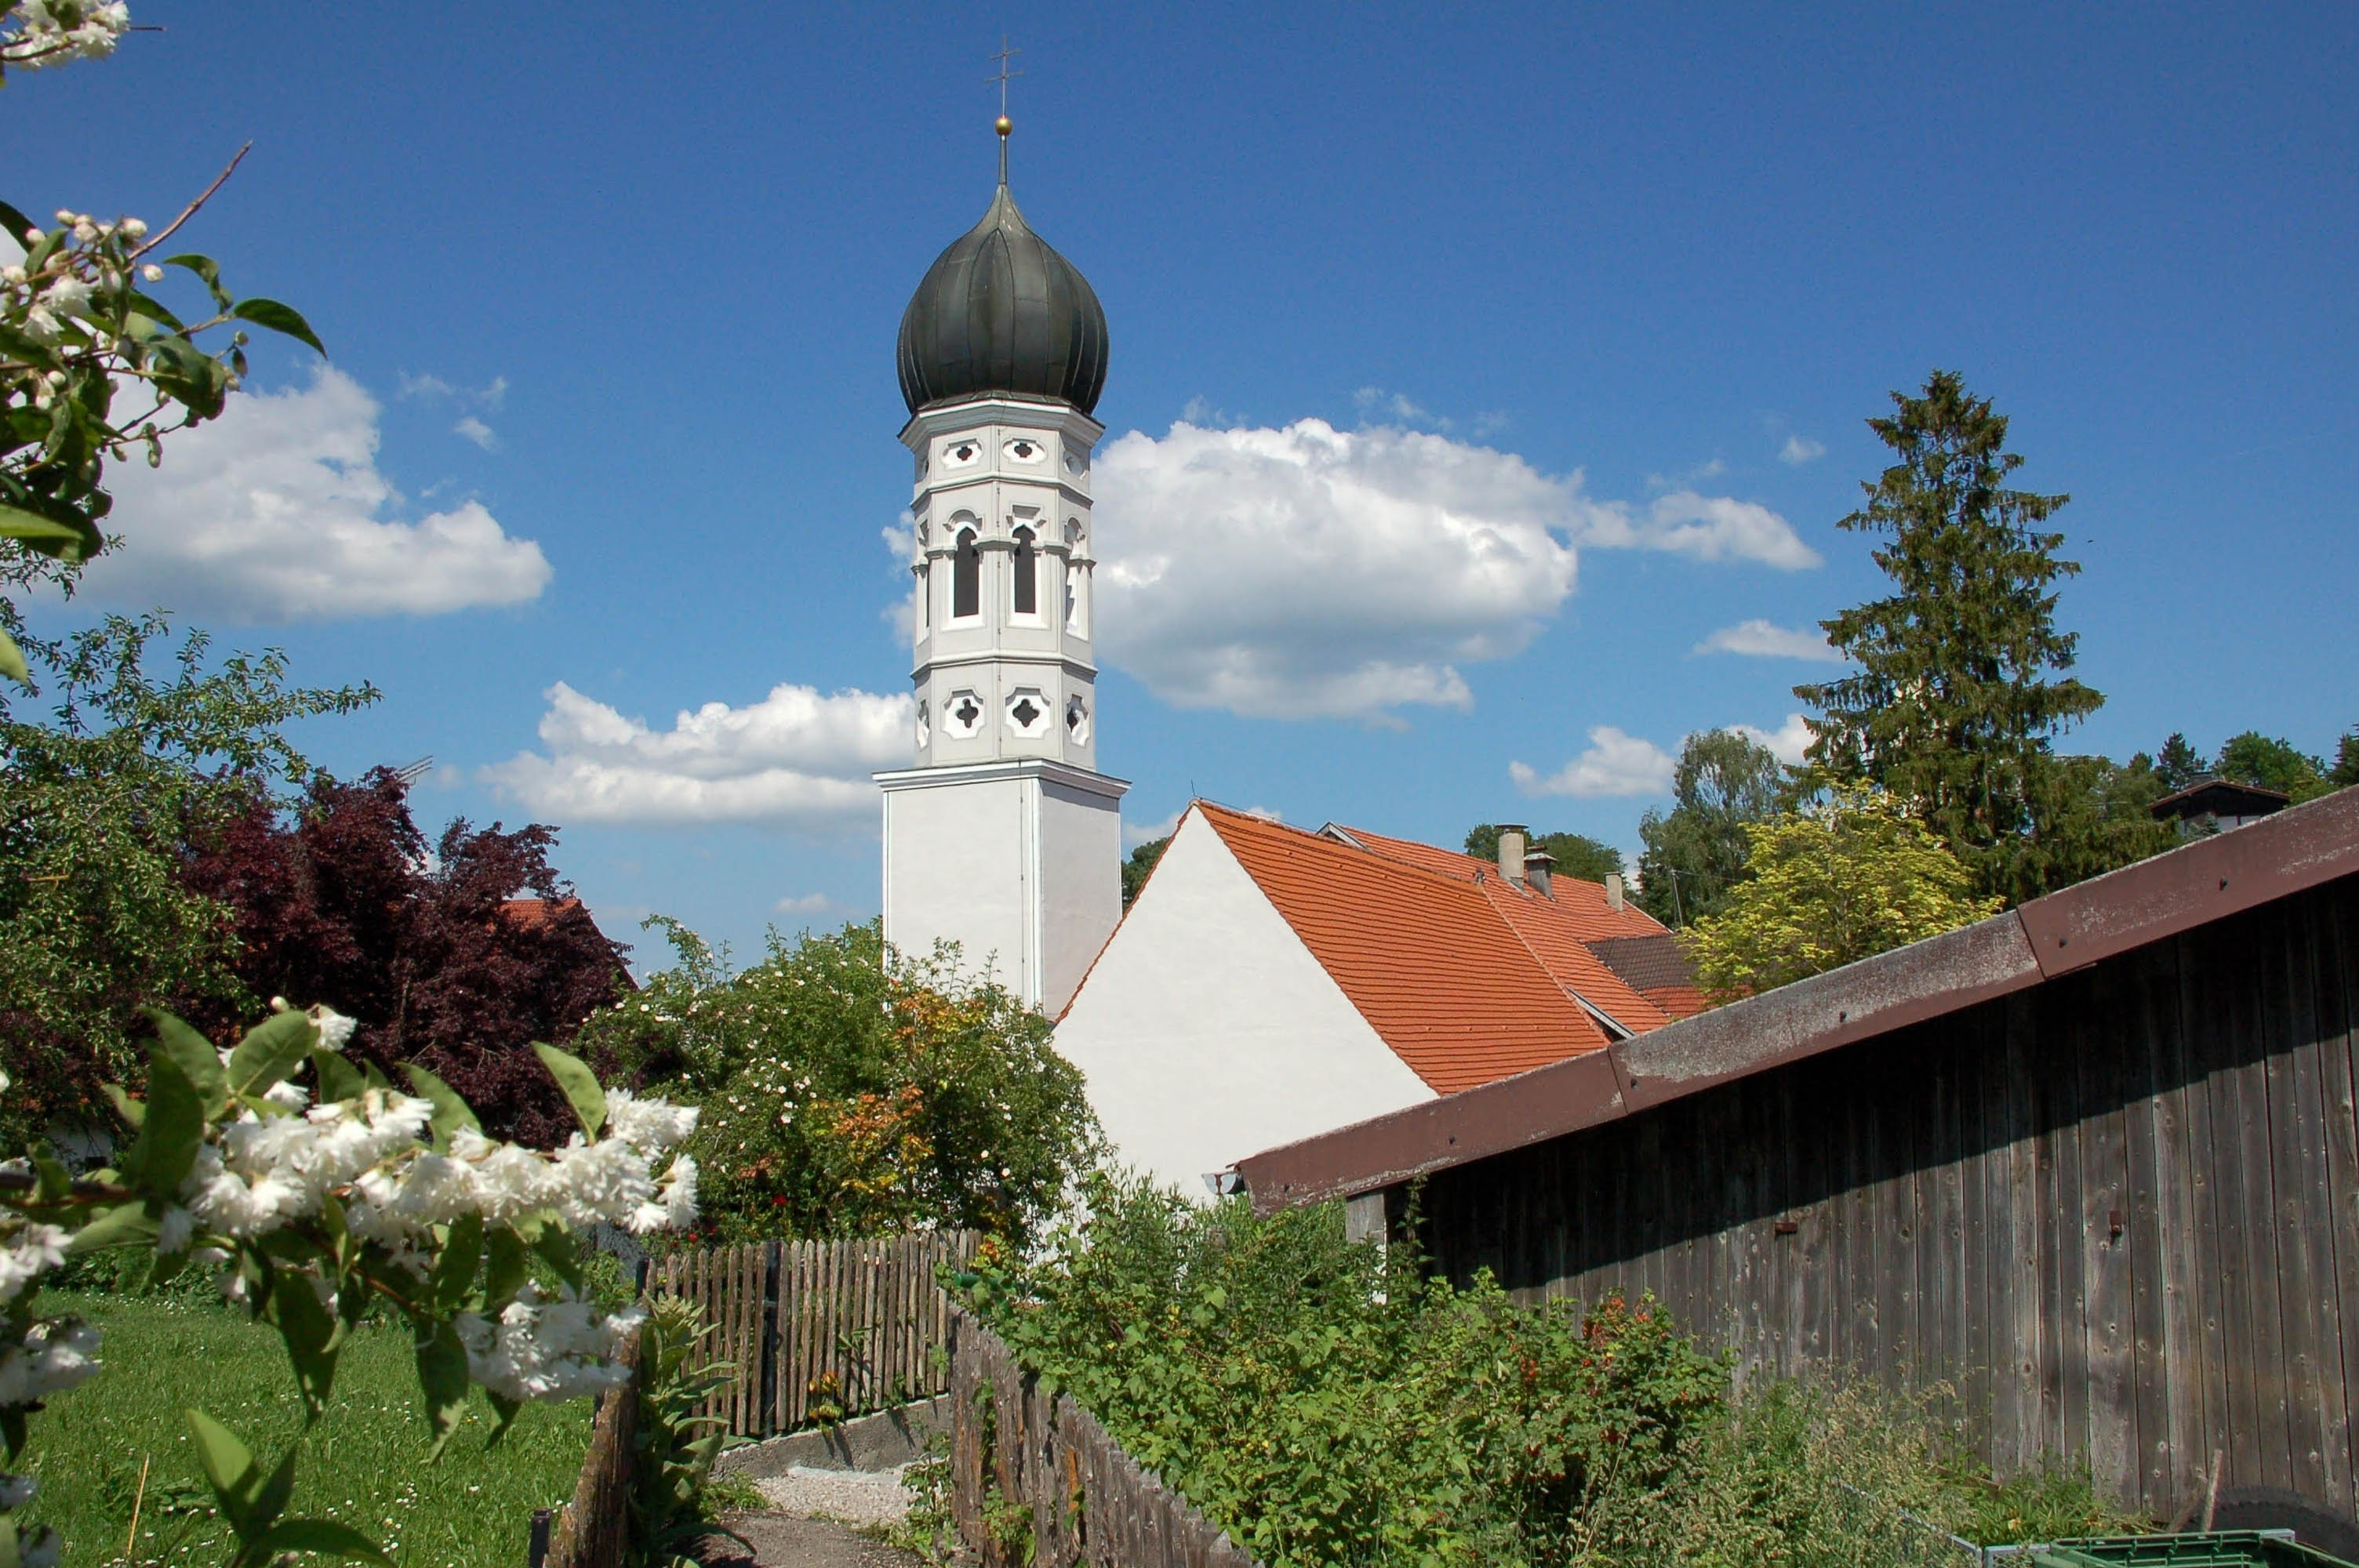 Unsere idyllische Dorfkirche